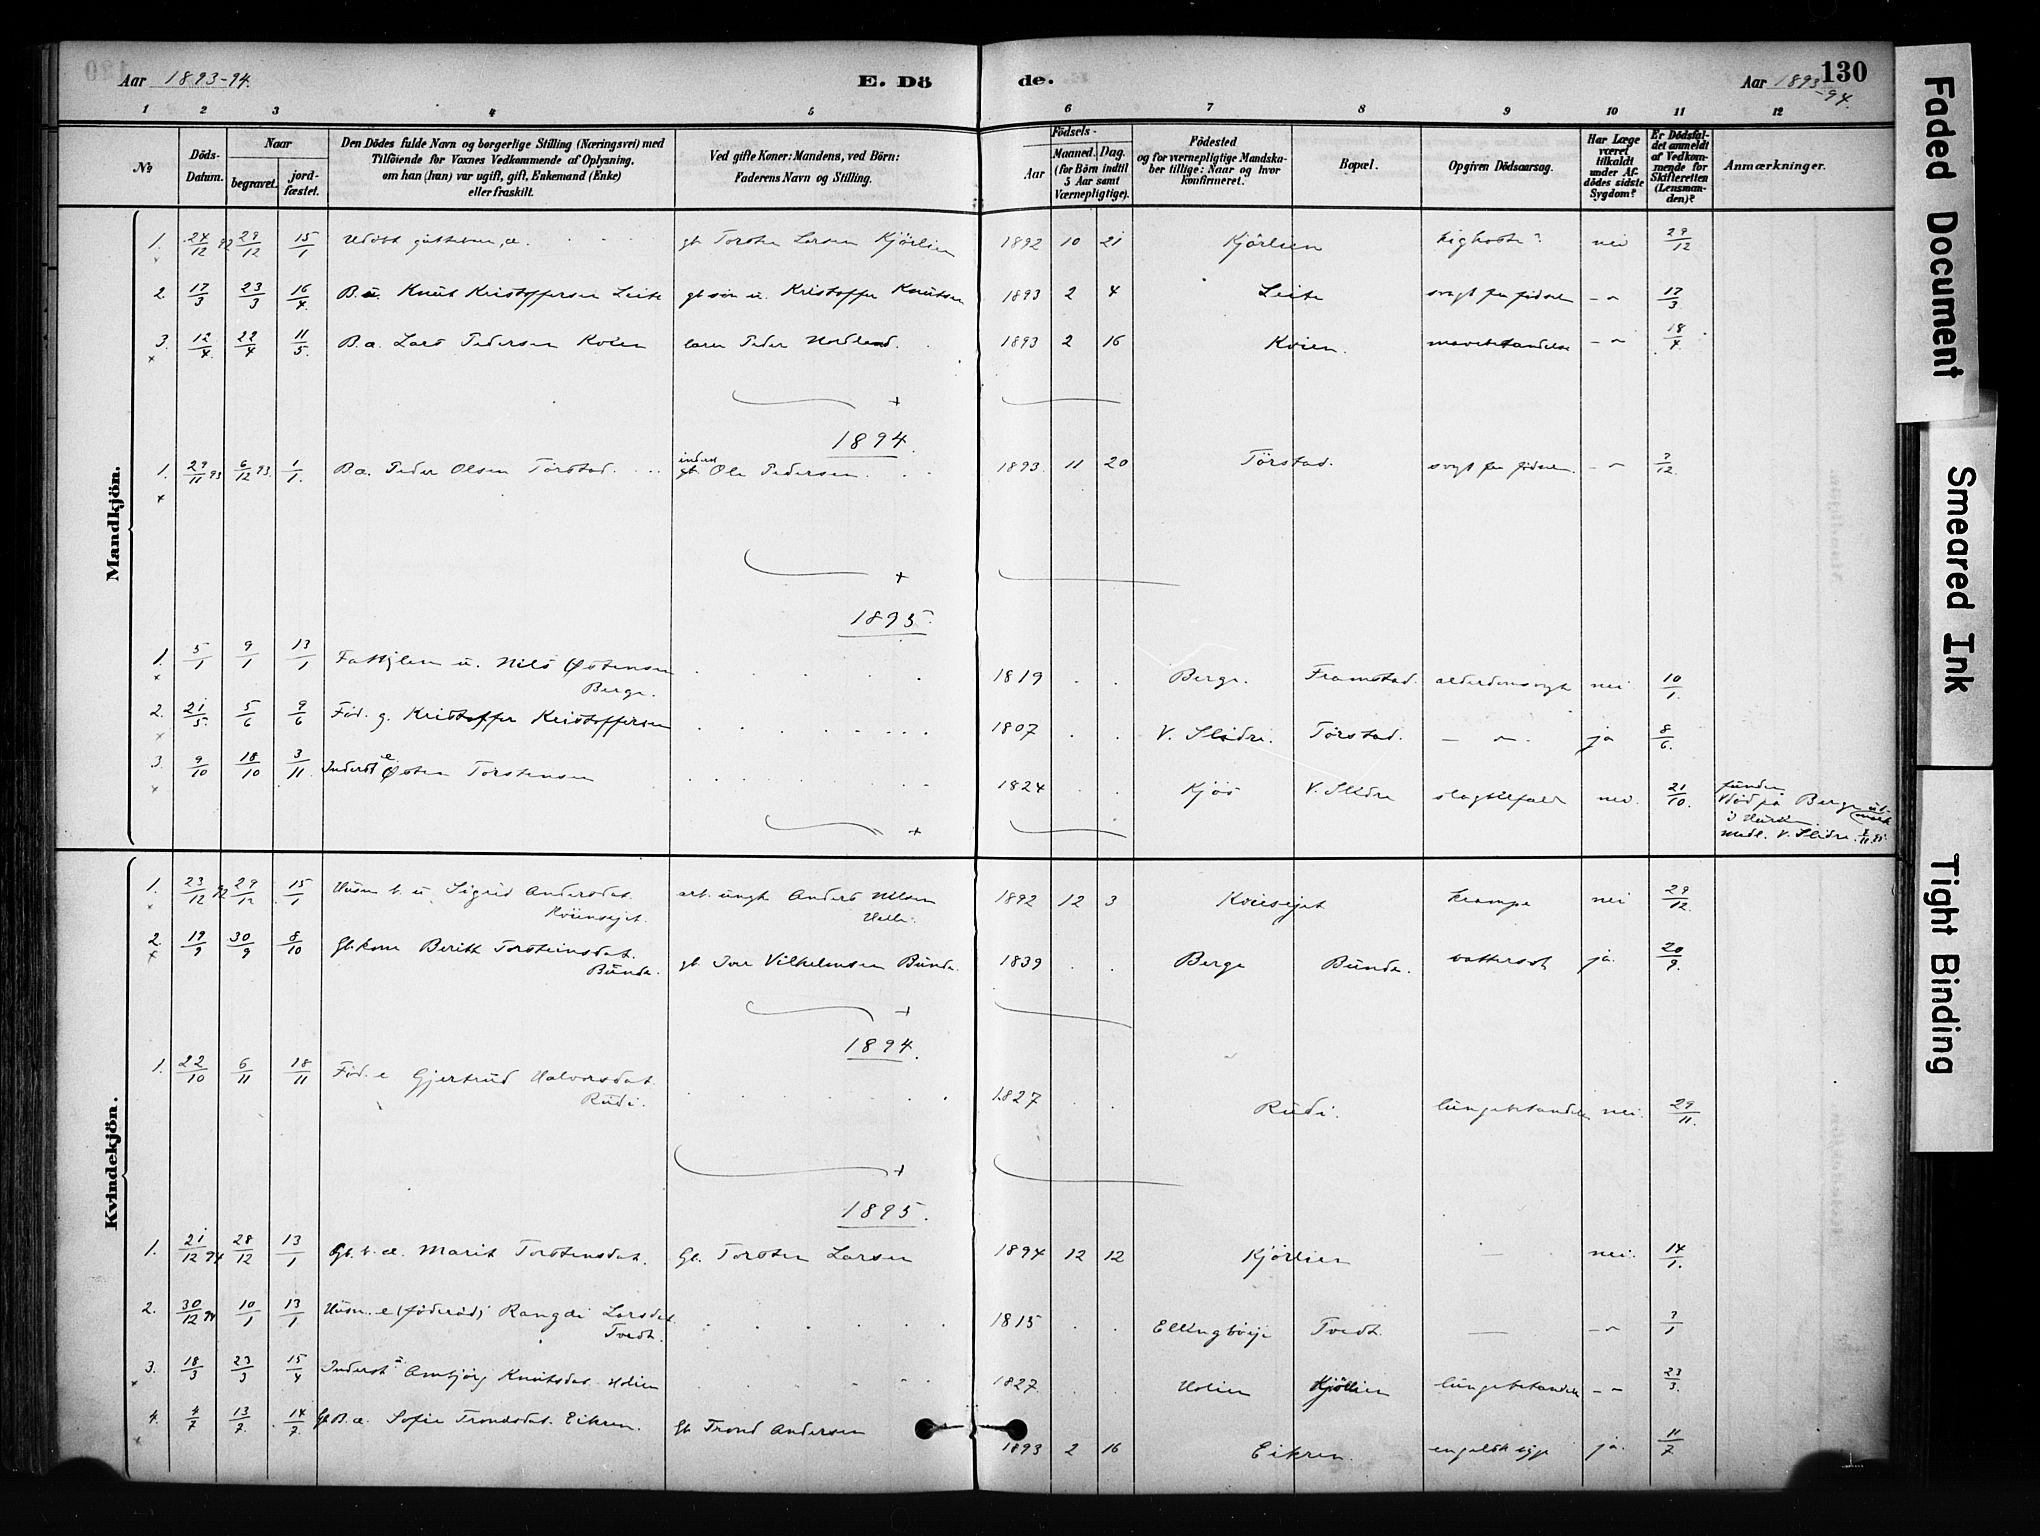 SAH, Vang prestekontor, Valdres, Ministerialbok nr. 9, 1882-1914, s. 130